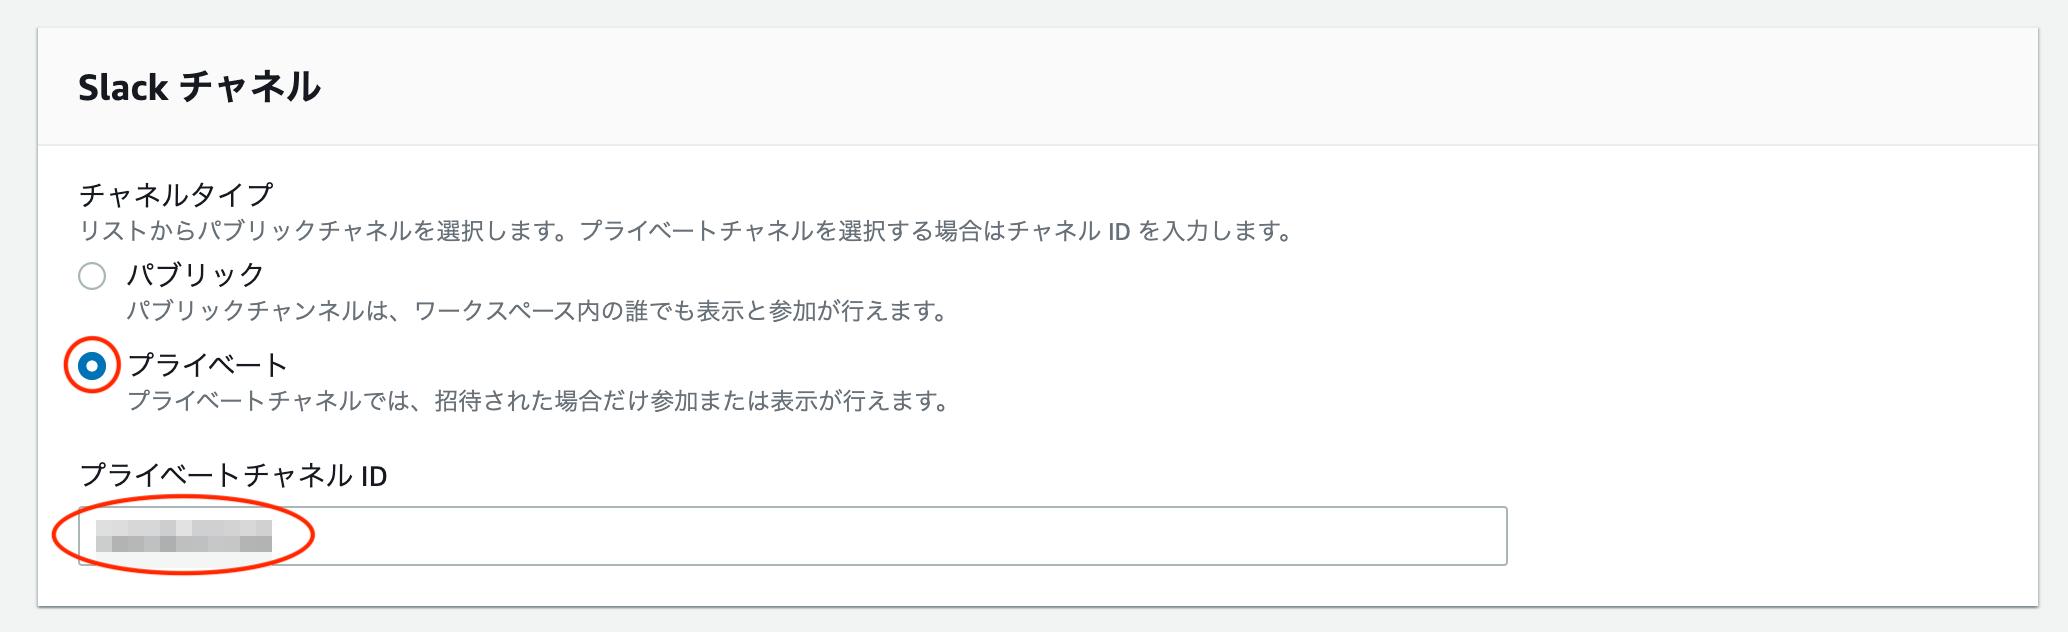 スクリーンショット 2020-03-03 20.10.39.png